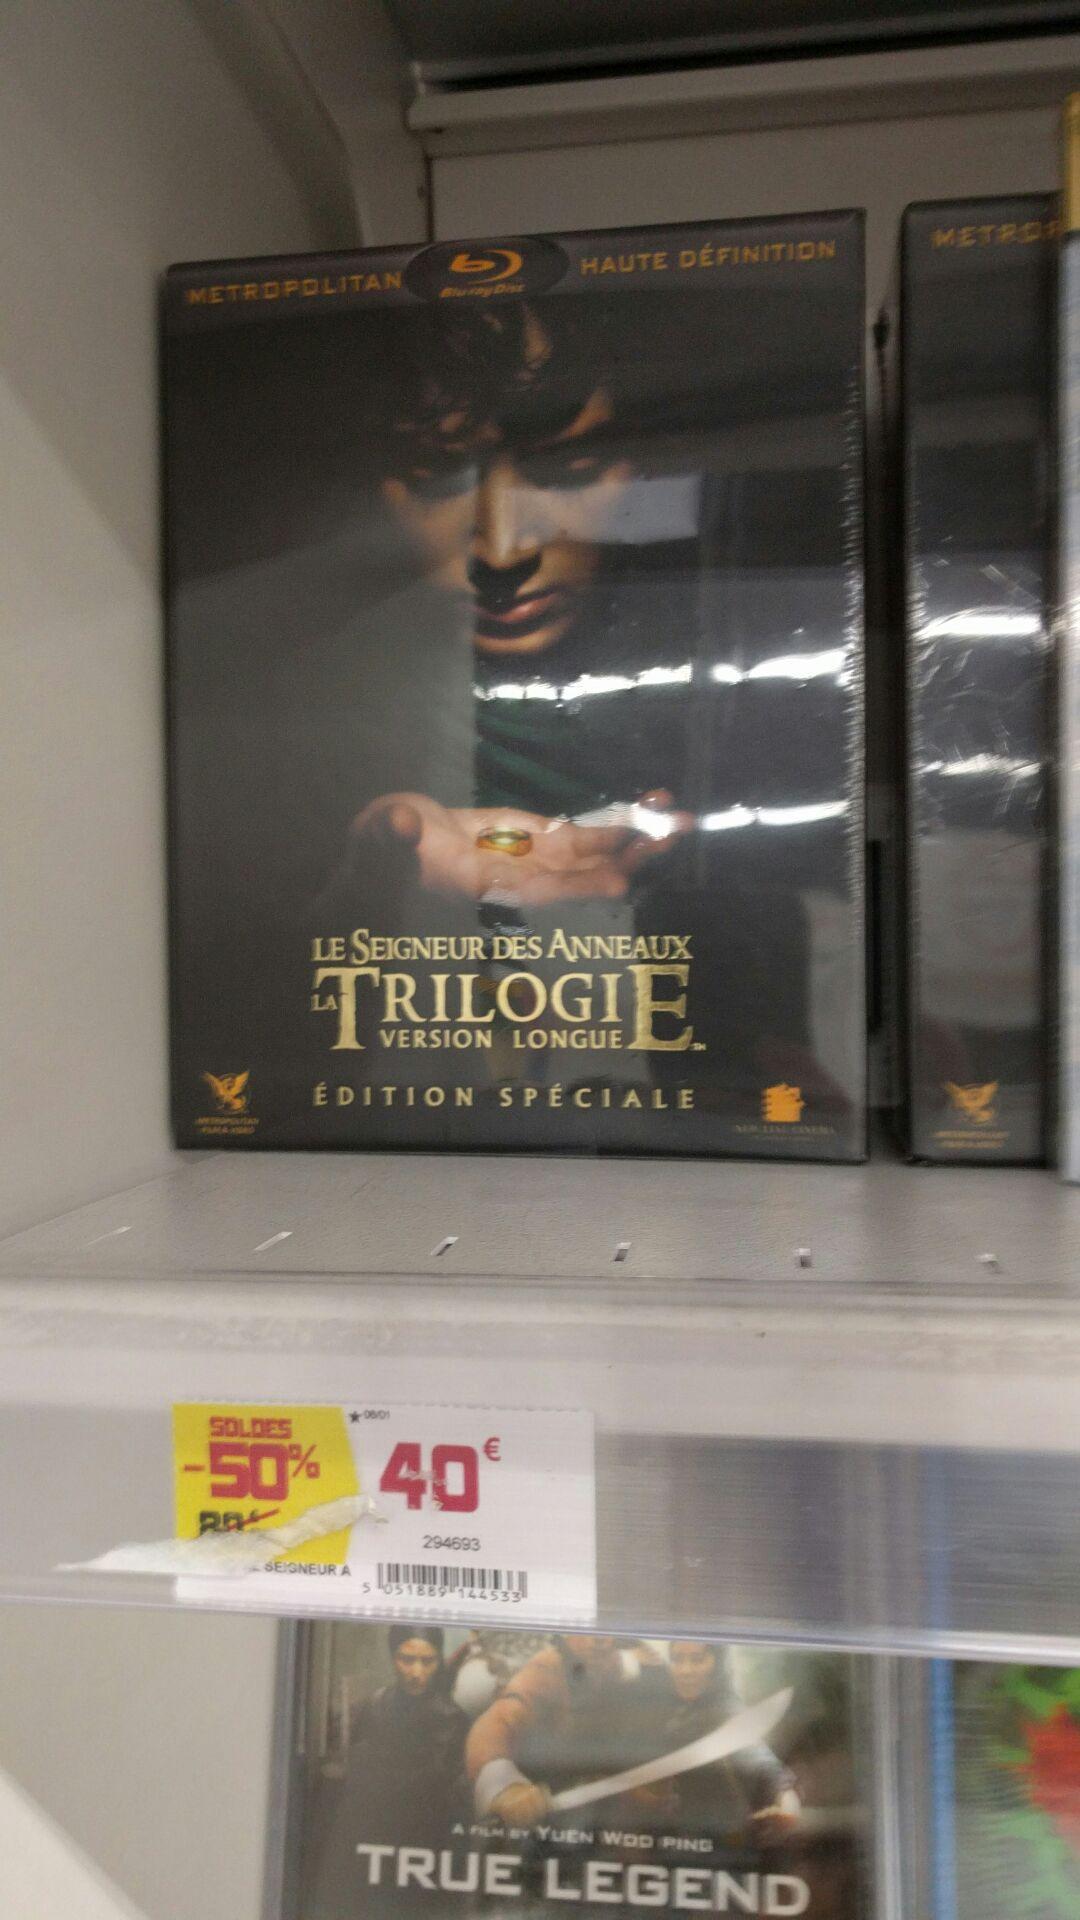 Coffret Blu -ray Trilogie Le Seigneur des Anneaux - Version longue